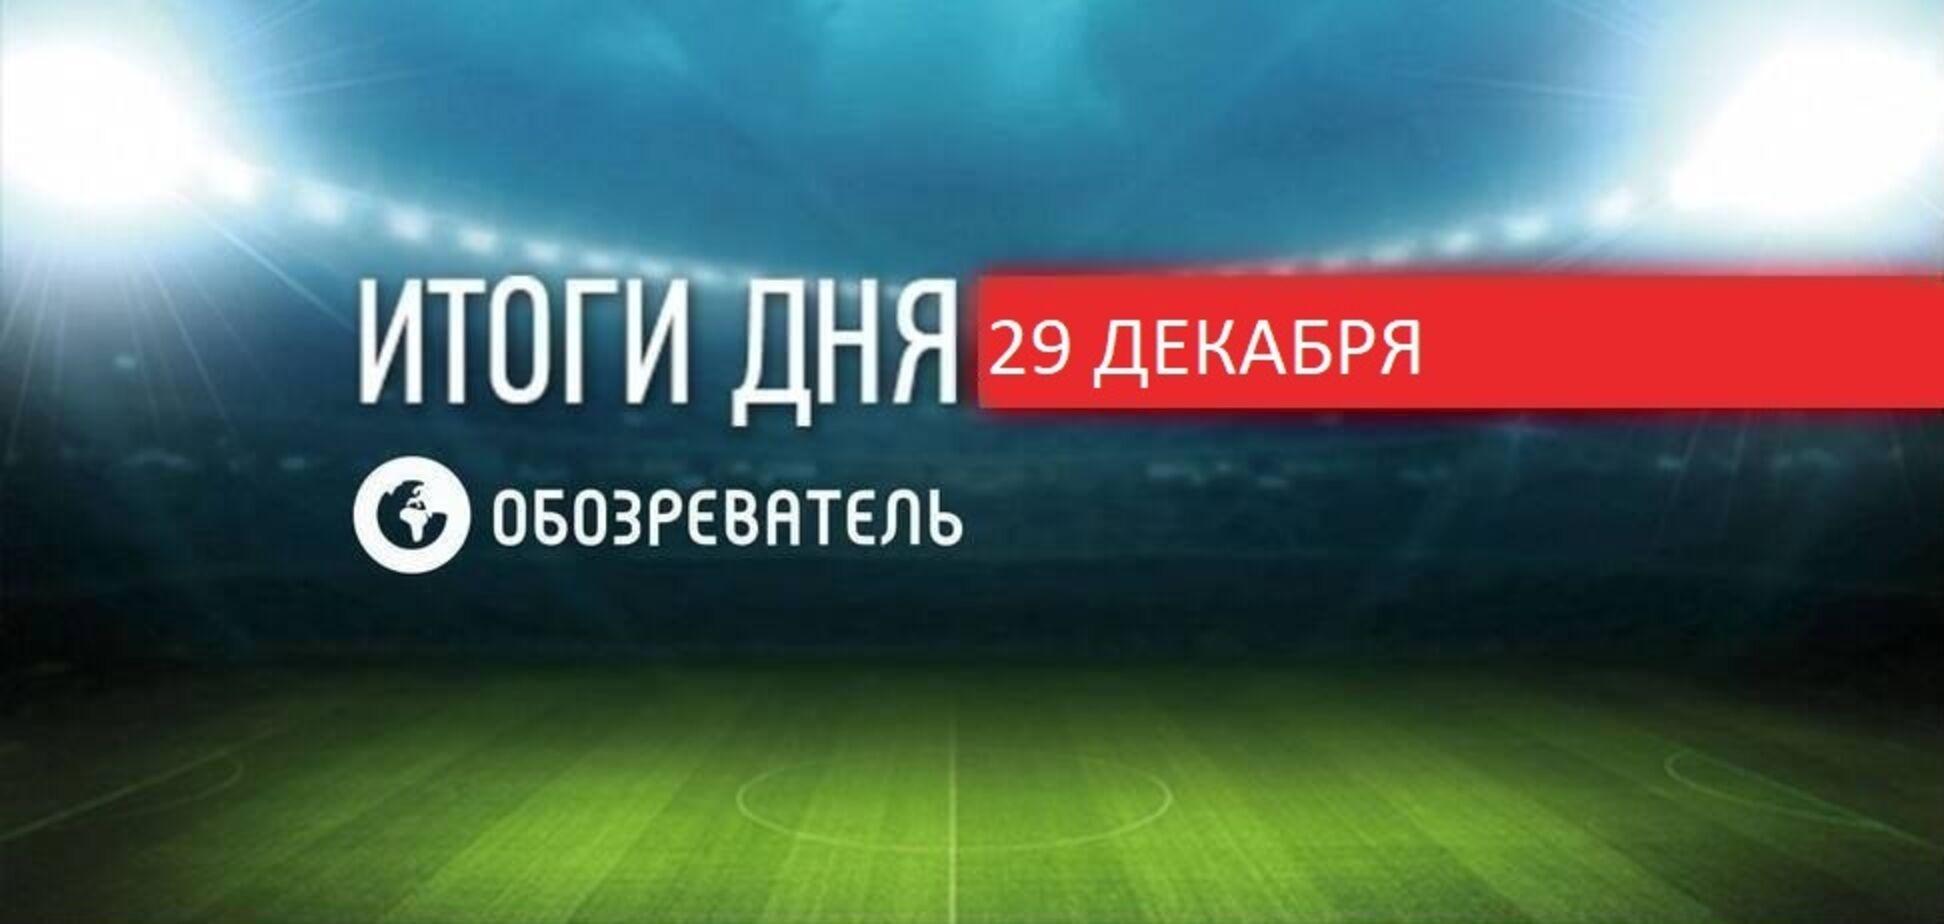 Защитник сборной Украины рассказал о поступке Роналду: спортивные итоги 29 декабря